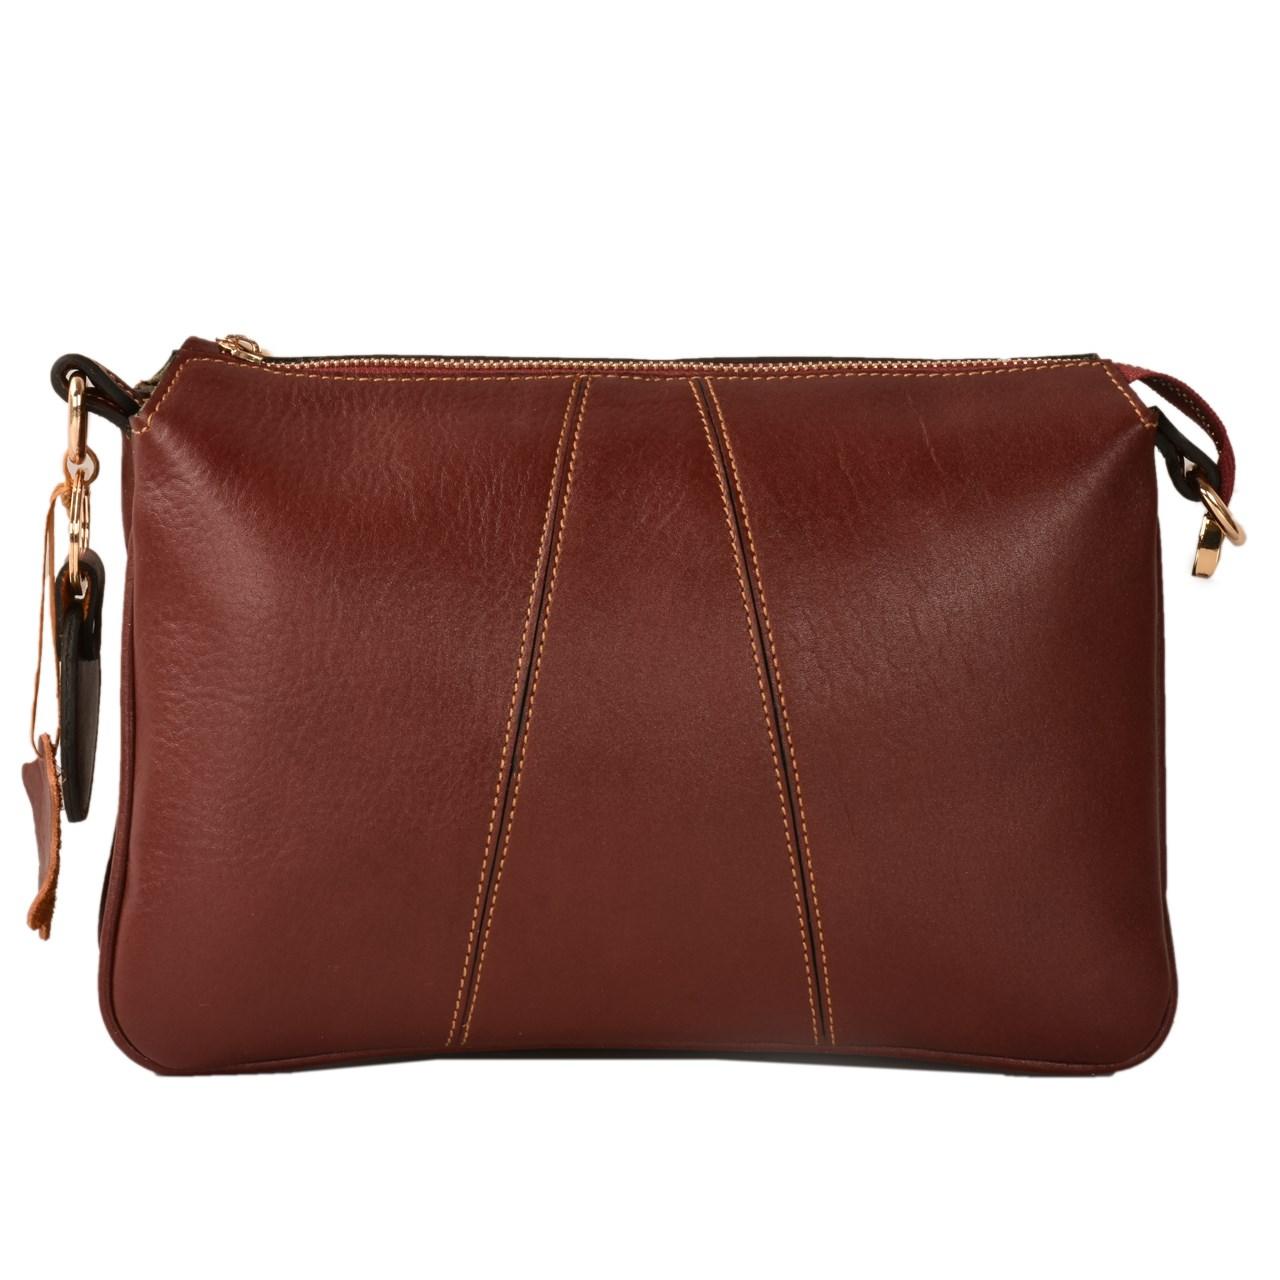 کیف رو دوشی چرم طبیعی کهن چرم مدل V155-12